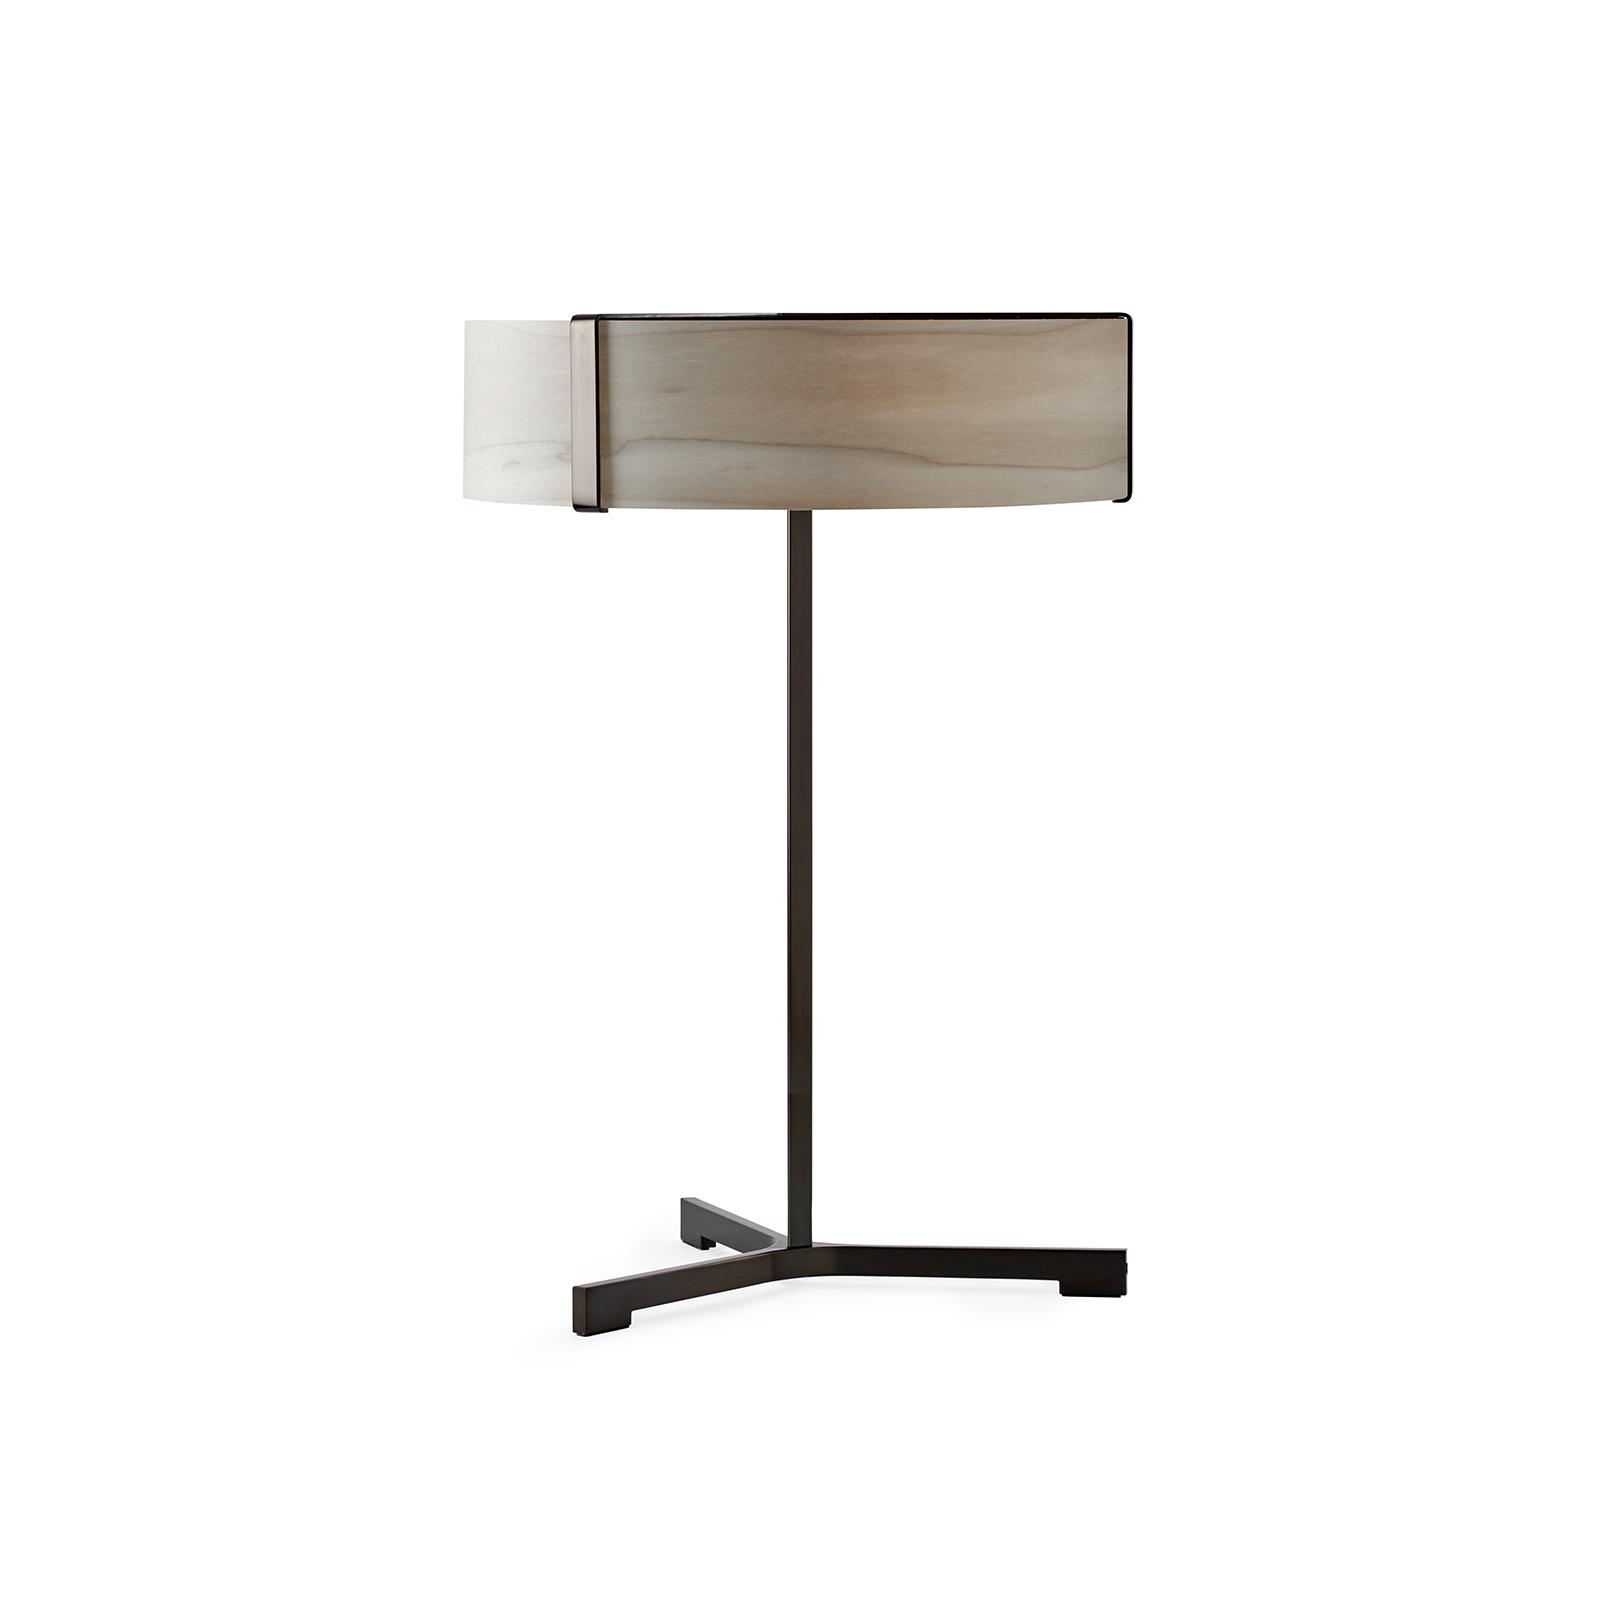 LZF Thesis lampe à poser LED noir mat/grise